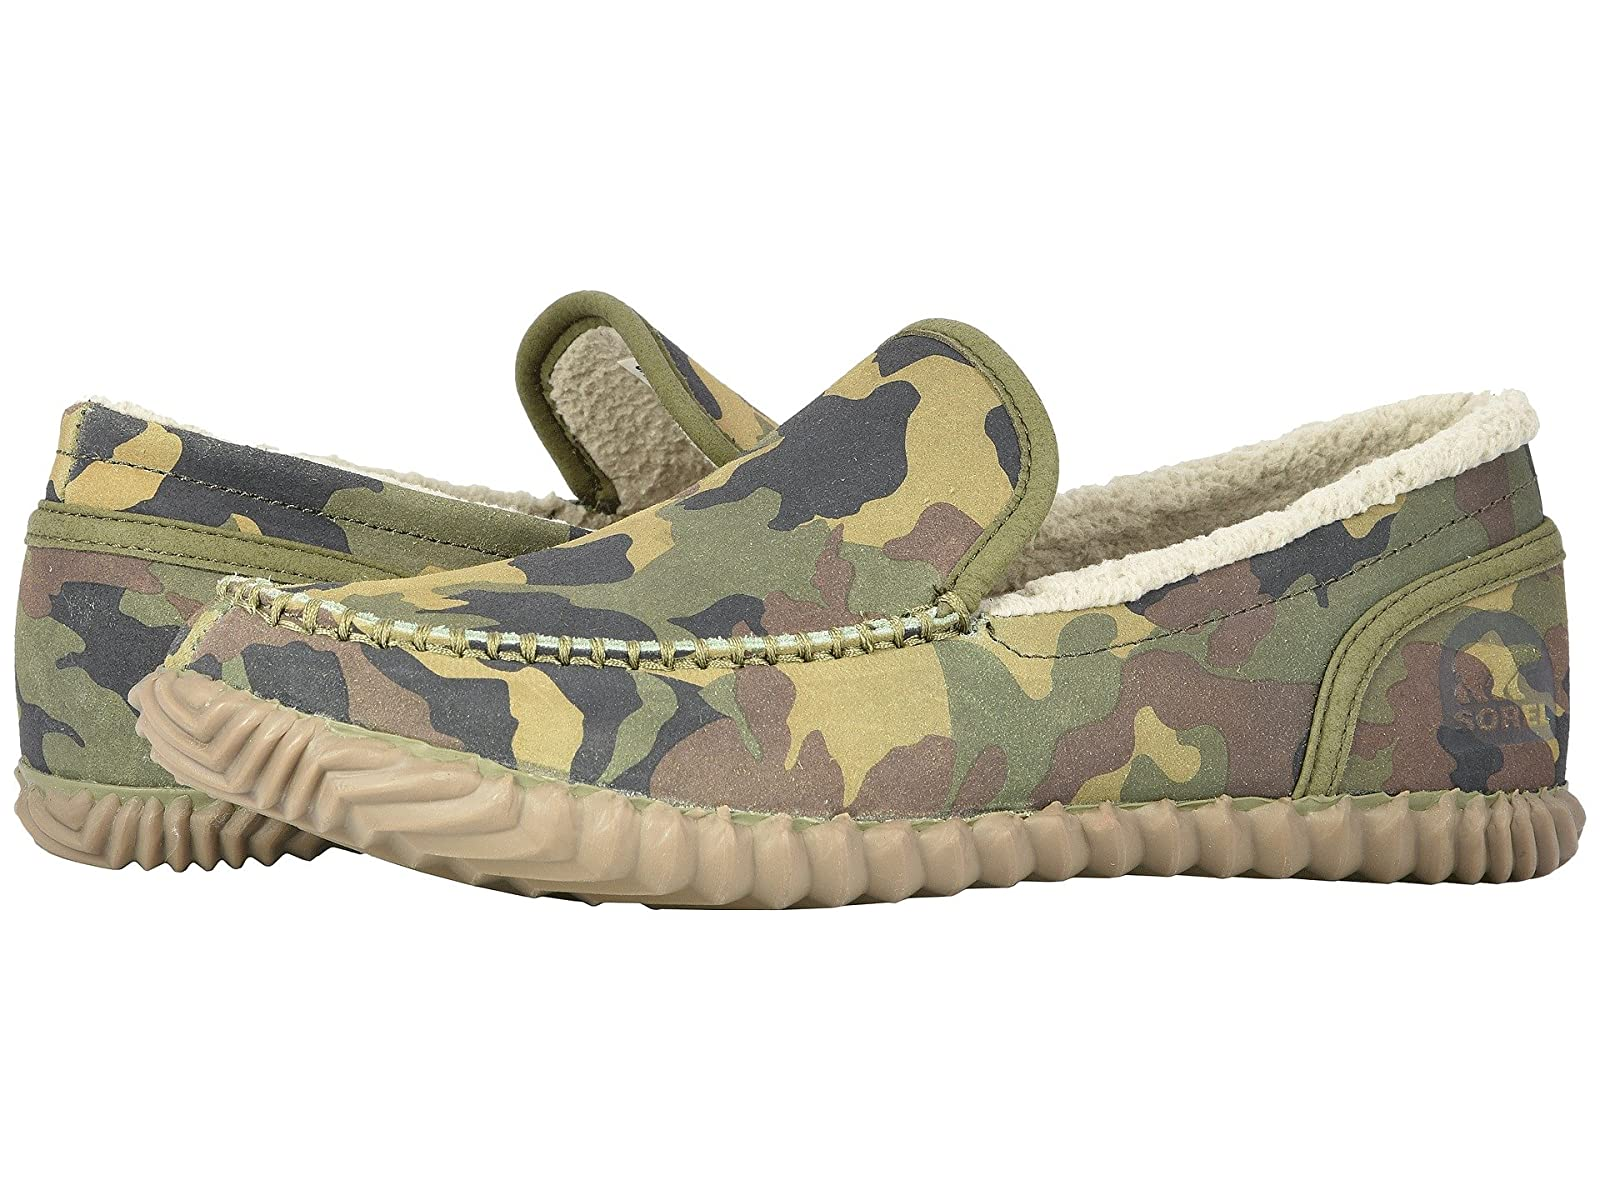 SOREL Sorel Dude Moc™Atmospheric grades have affordable shoes